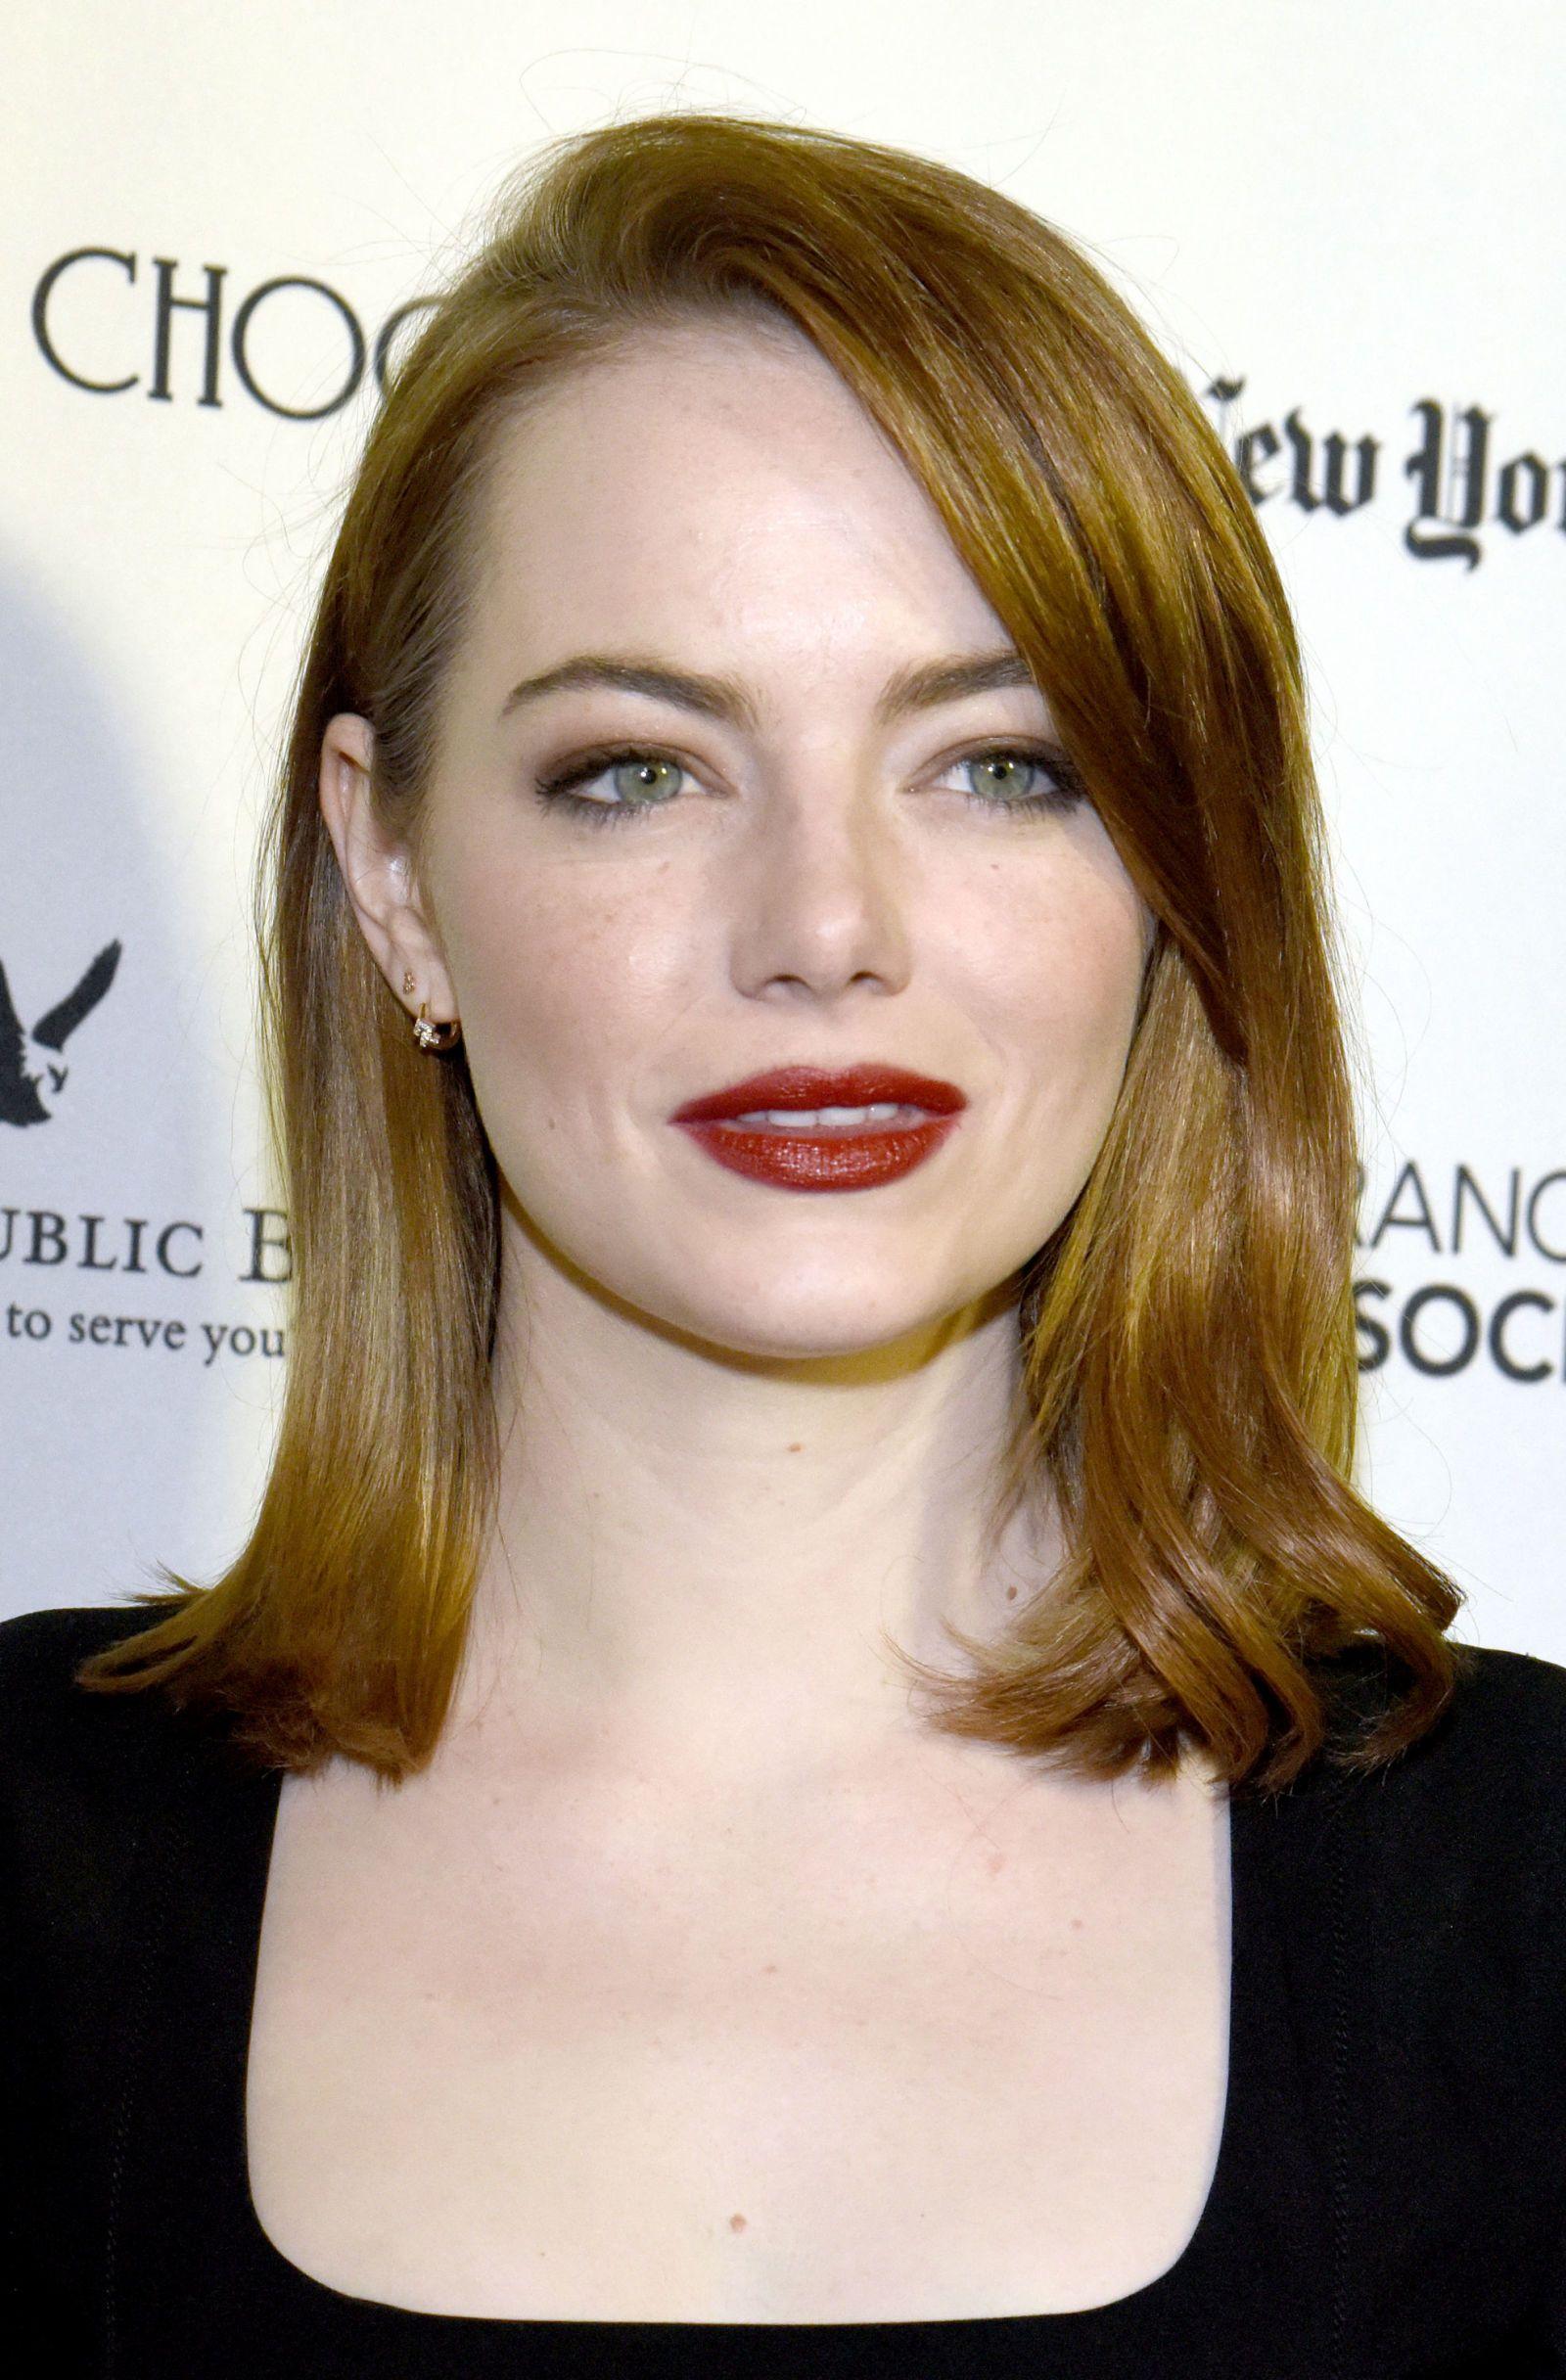 abbastanza Emma Stone sfoggia un nuovo colore di capelli: l'oro rosso UR07